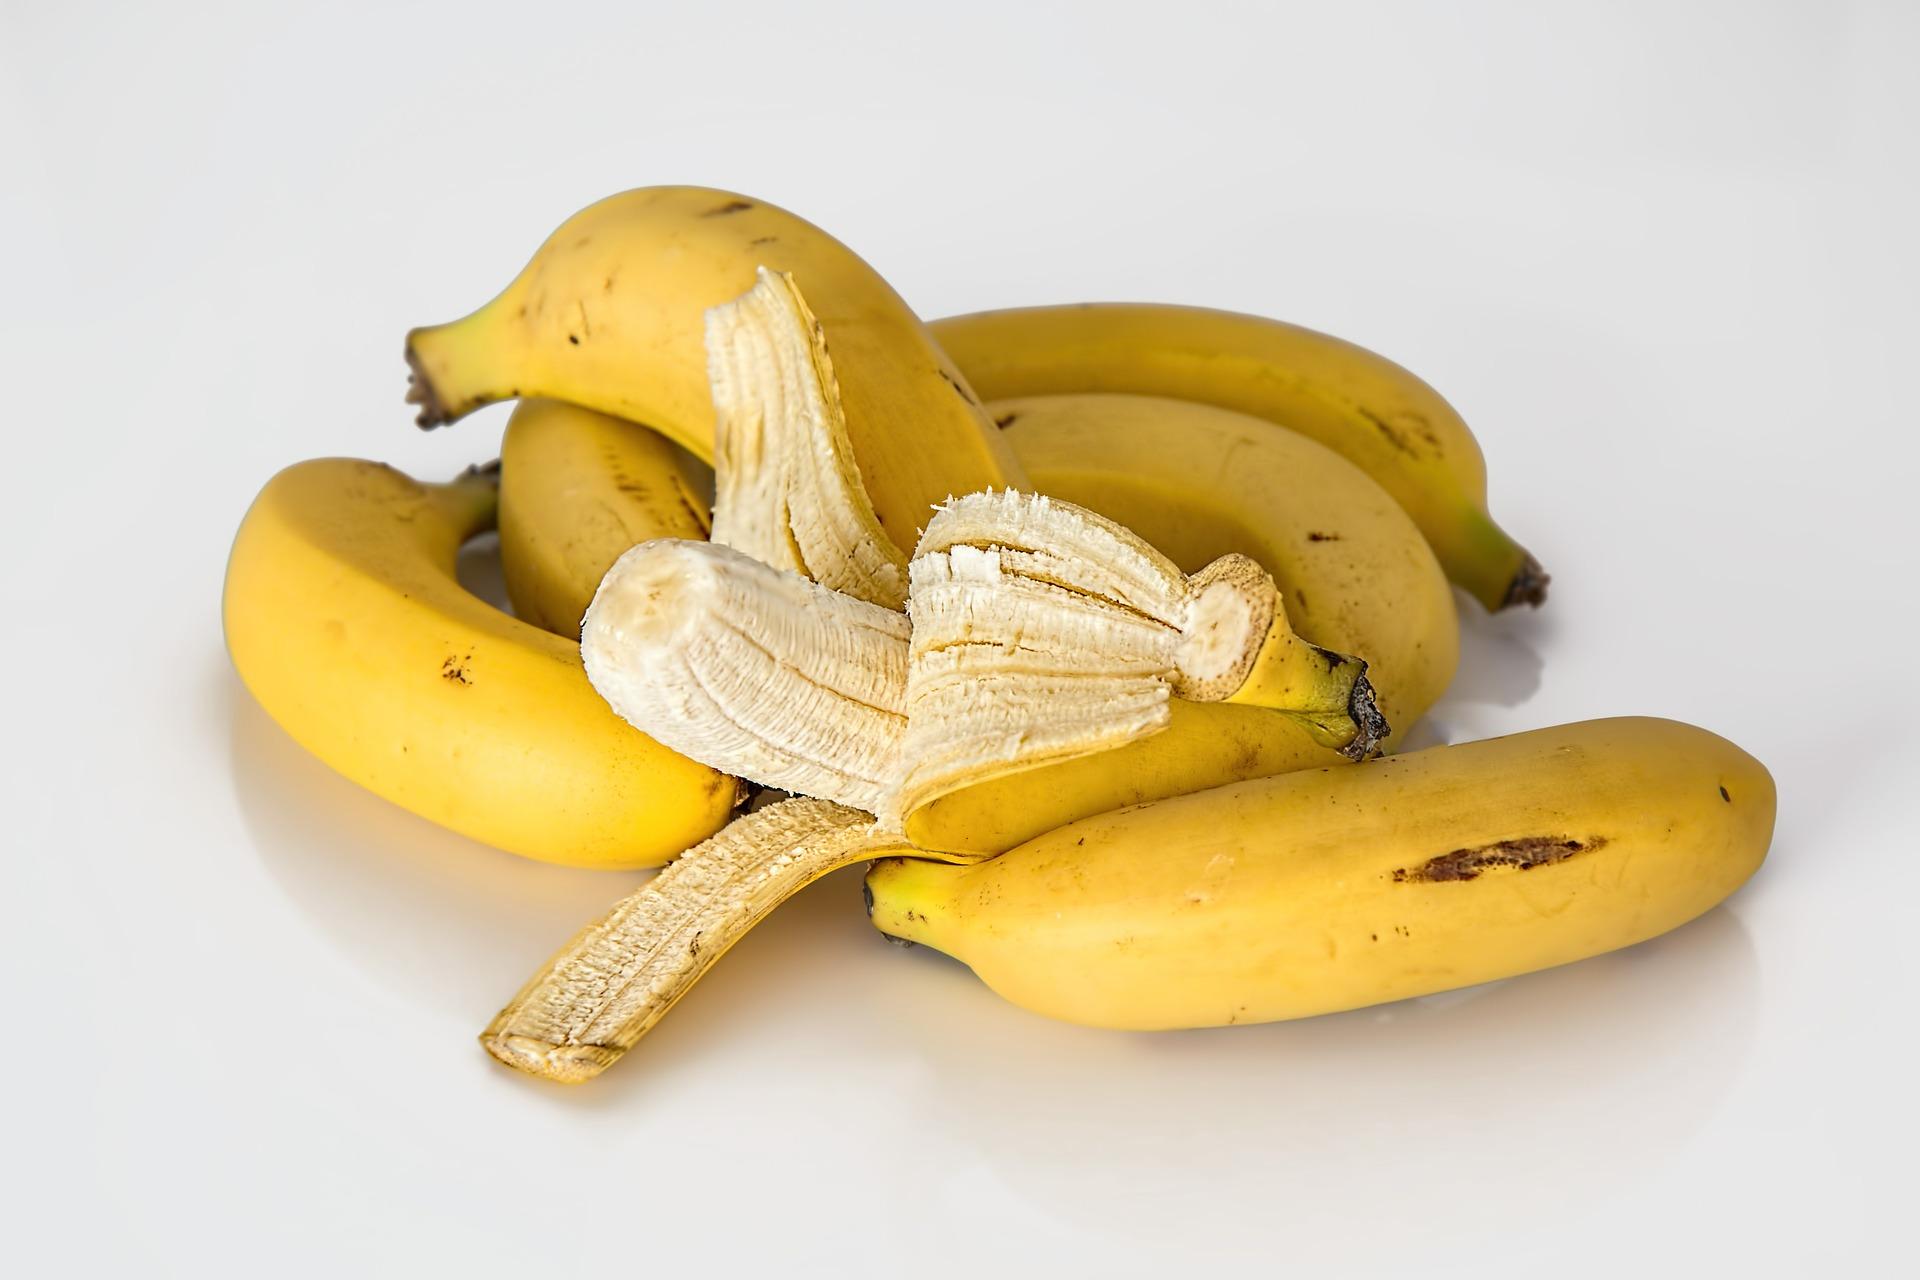 cachorro pode comer banana 2